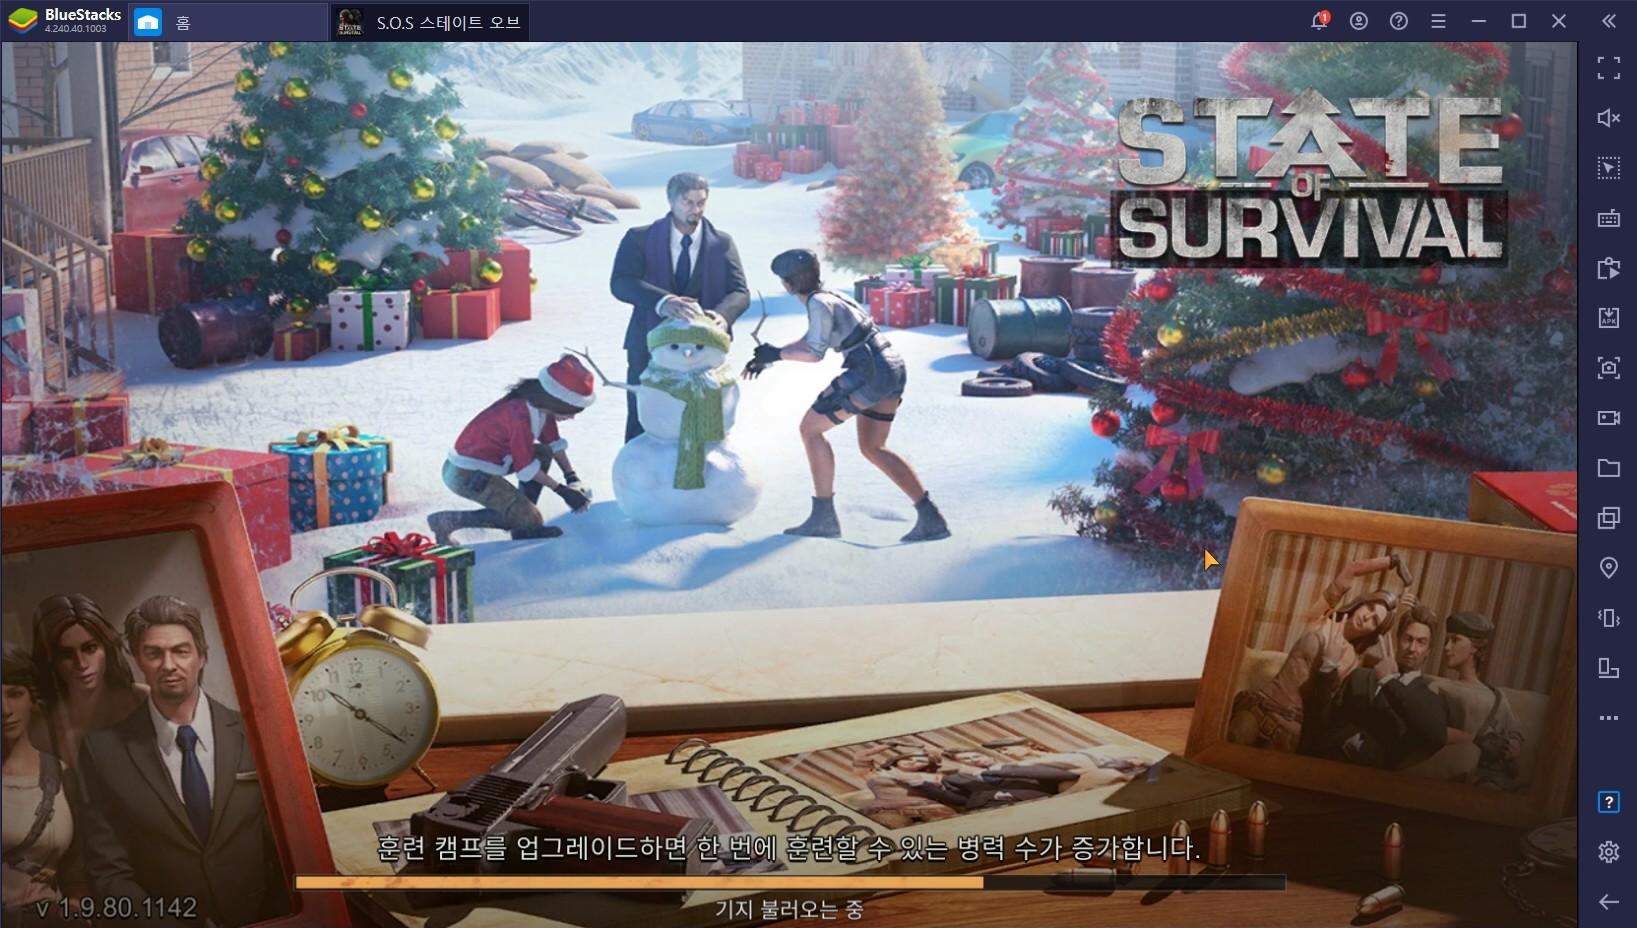 PC로 즐기면 더 재미있는 S.O.S:스테이트 오브 서바이벌, 초반 진행이 막힌다면 확인해보세요!